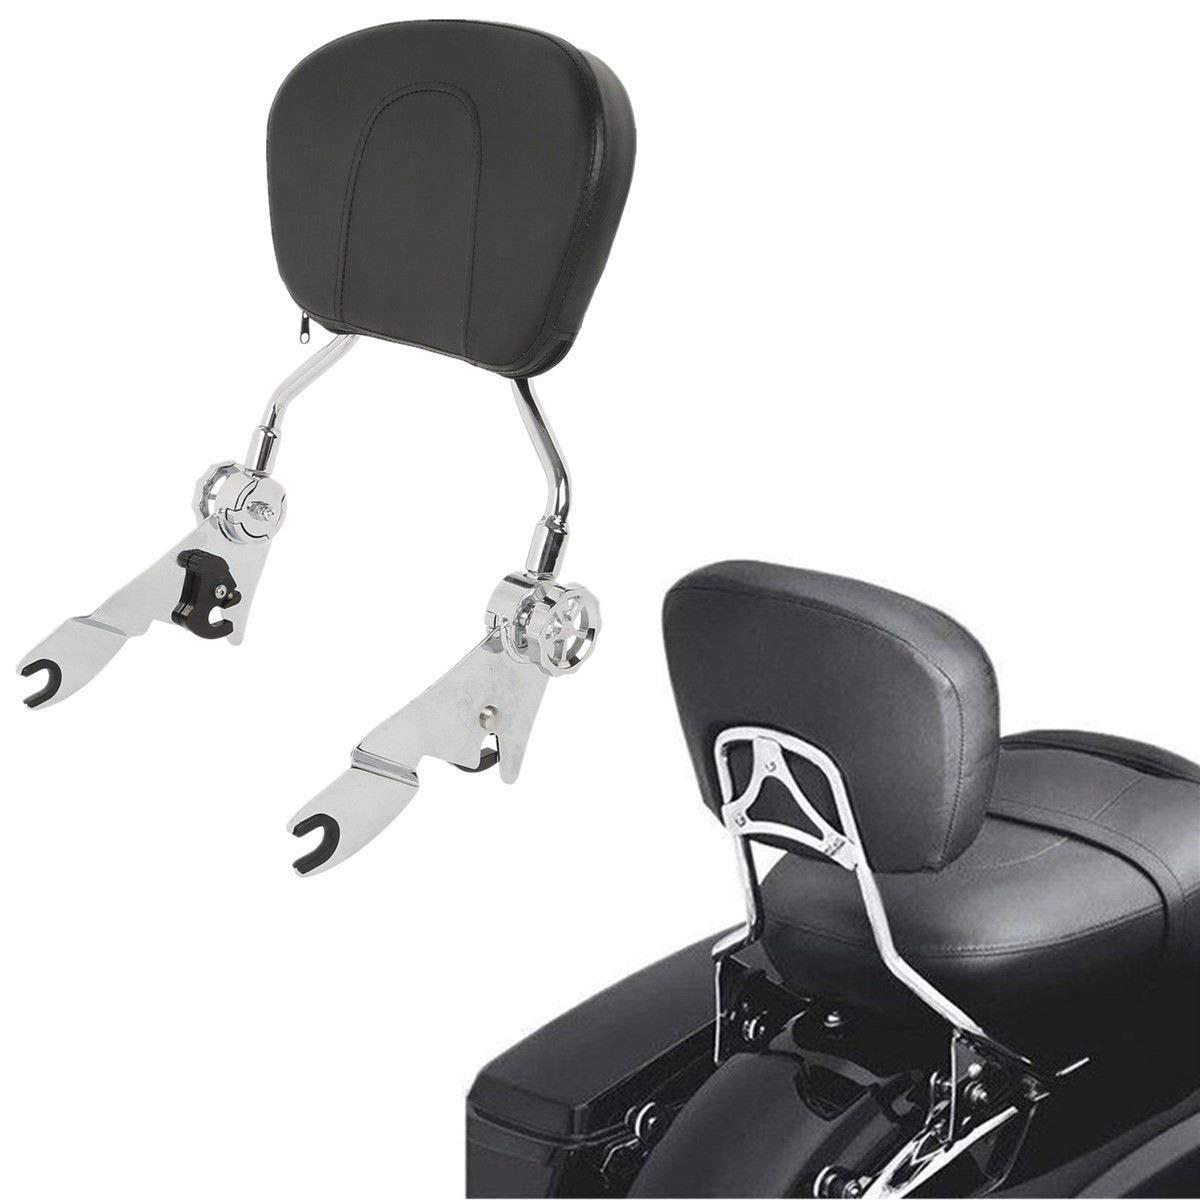 TCMT Detachable Stealth Backrest Sissybar Fits For Harley Touring FLHR FLHX FLHT FLTR 2009 2010 2011 2012 2013 2014 2015 2016 2017 2018